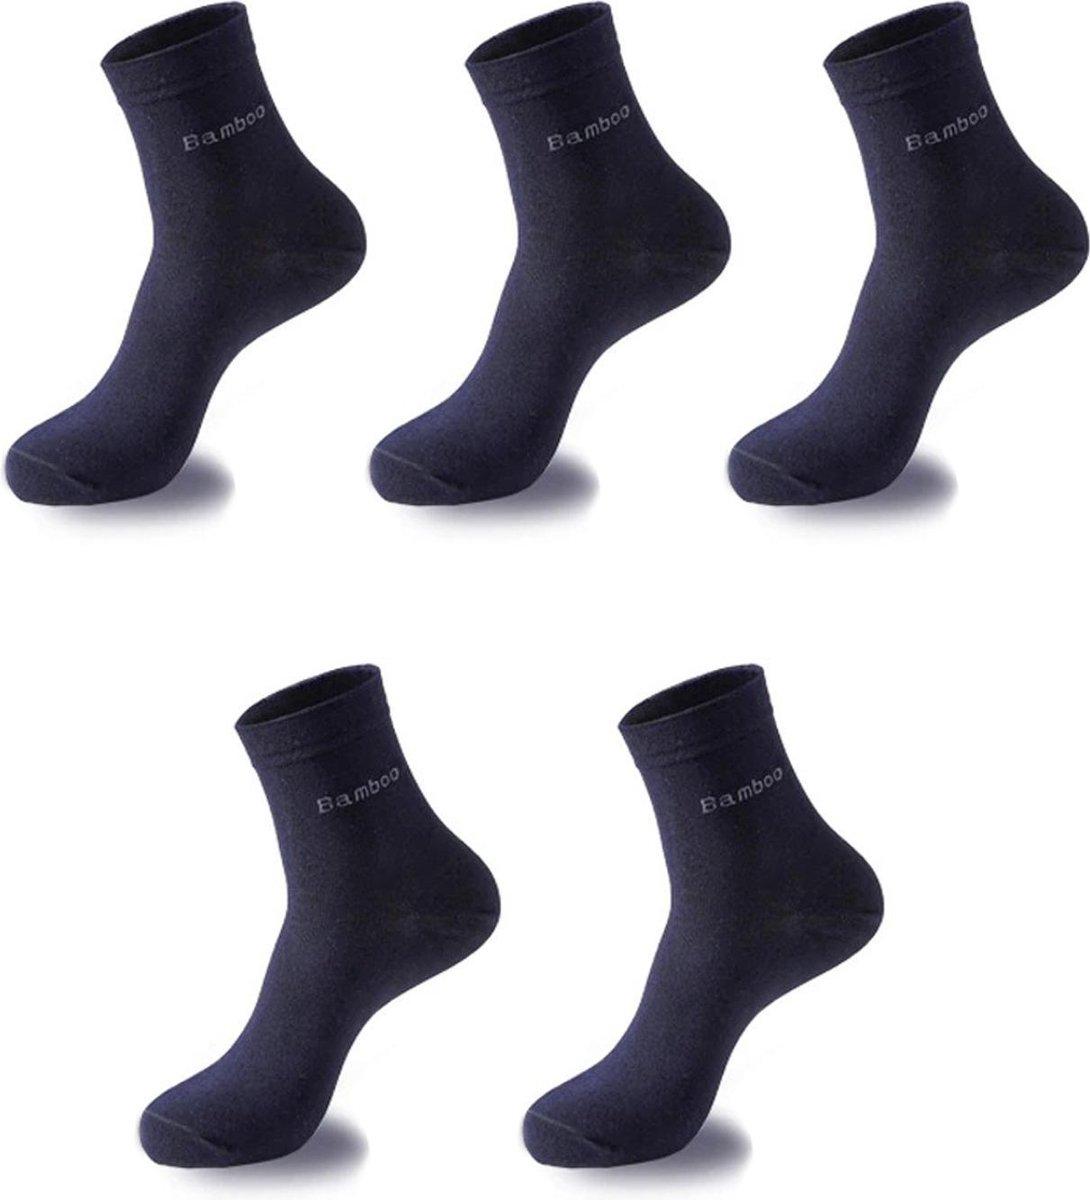 Sorprese Bamboo heren 5 paar sokken - sokken heren - navy blauw - sokken heren 43 46